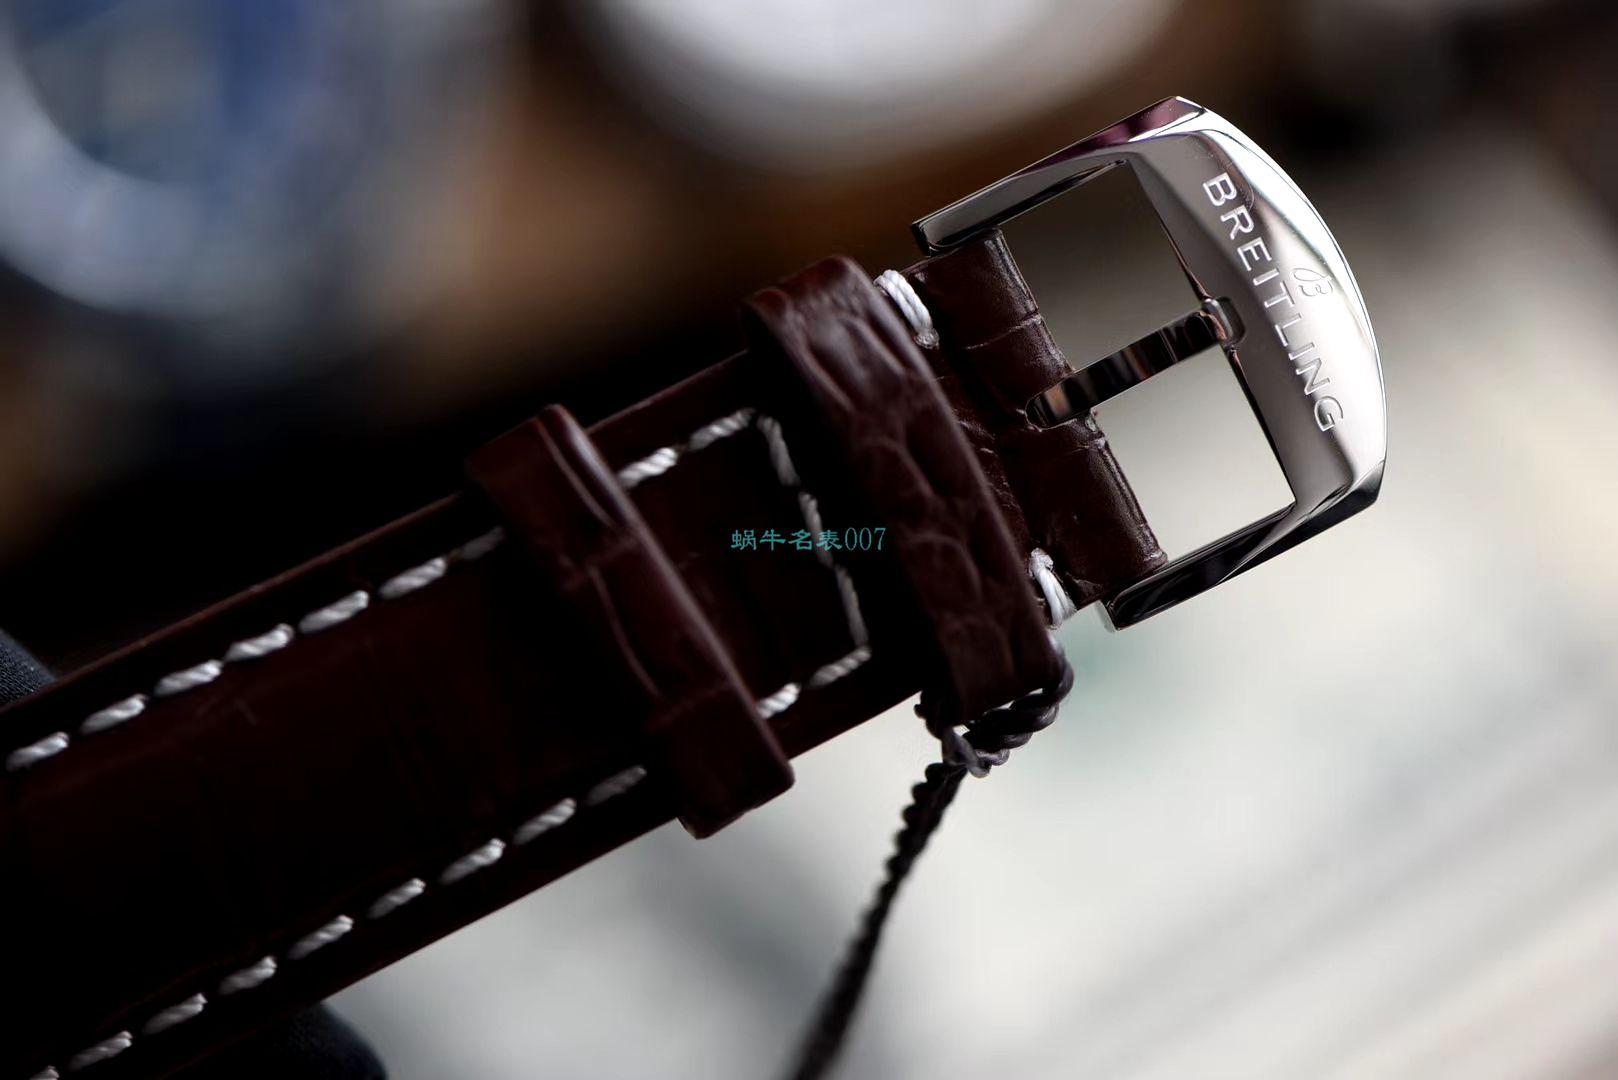 独家瑞士SW200机芯定制版百年灵航空计时41系列U17326211M1P2腕表 / BL158